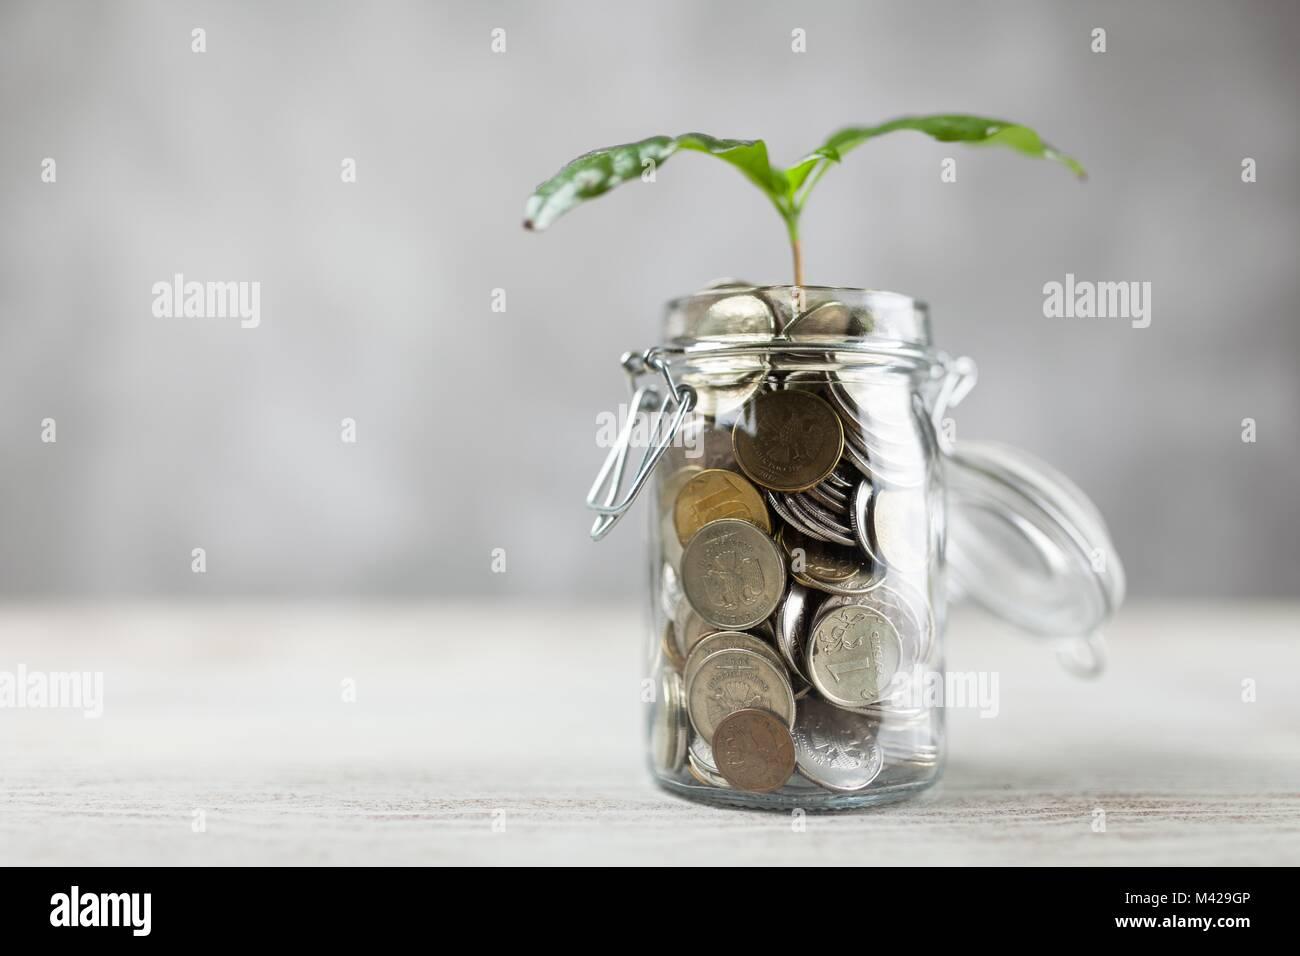 Monedas en un frasco de vidrio Imagen De Stock